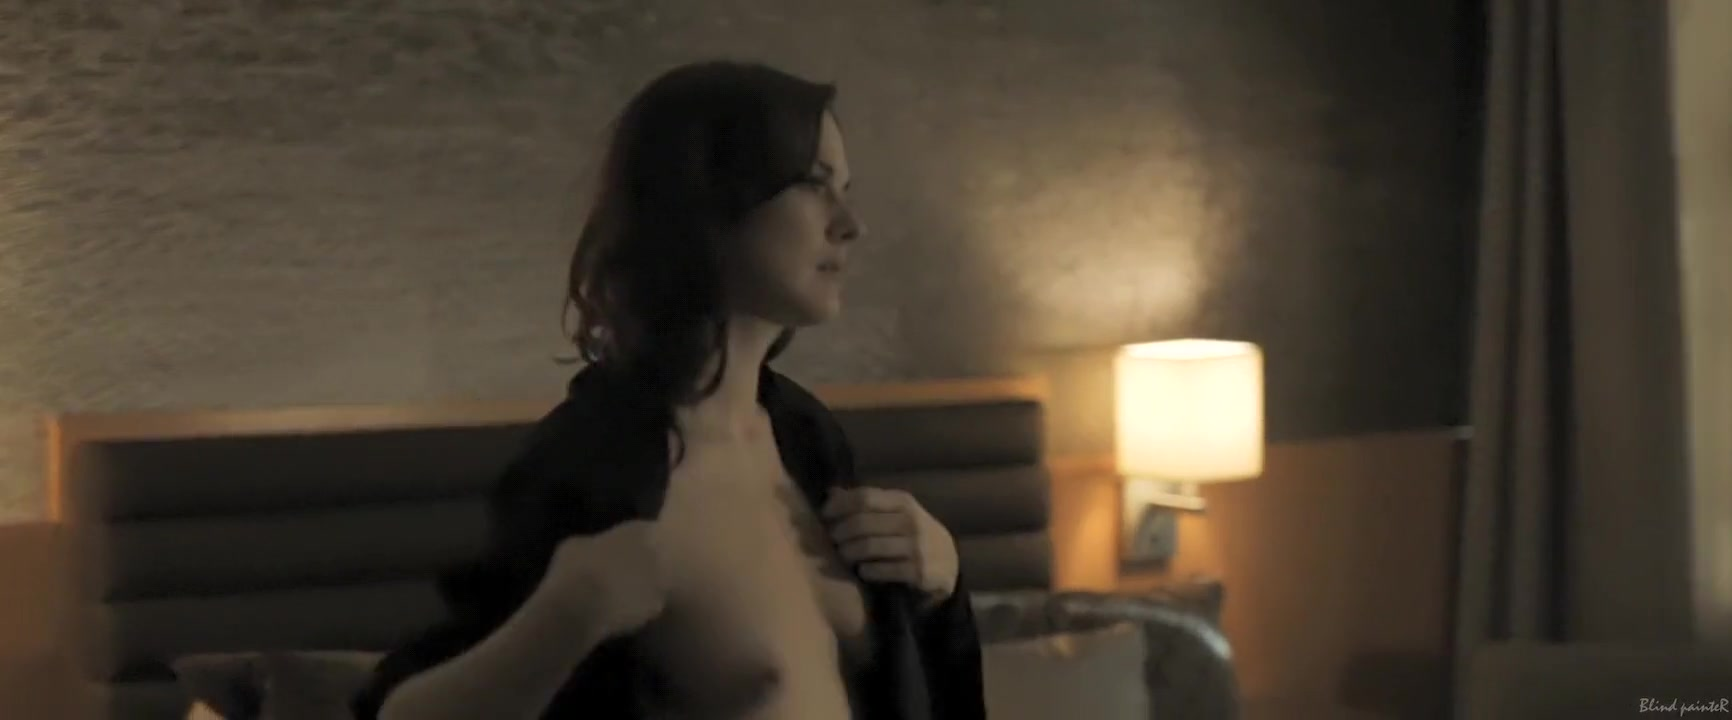 Nude gallery Paal kibsgaard wife sexual dysfunction